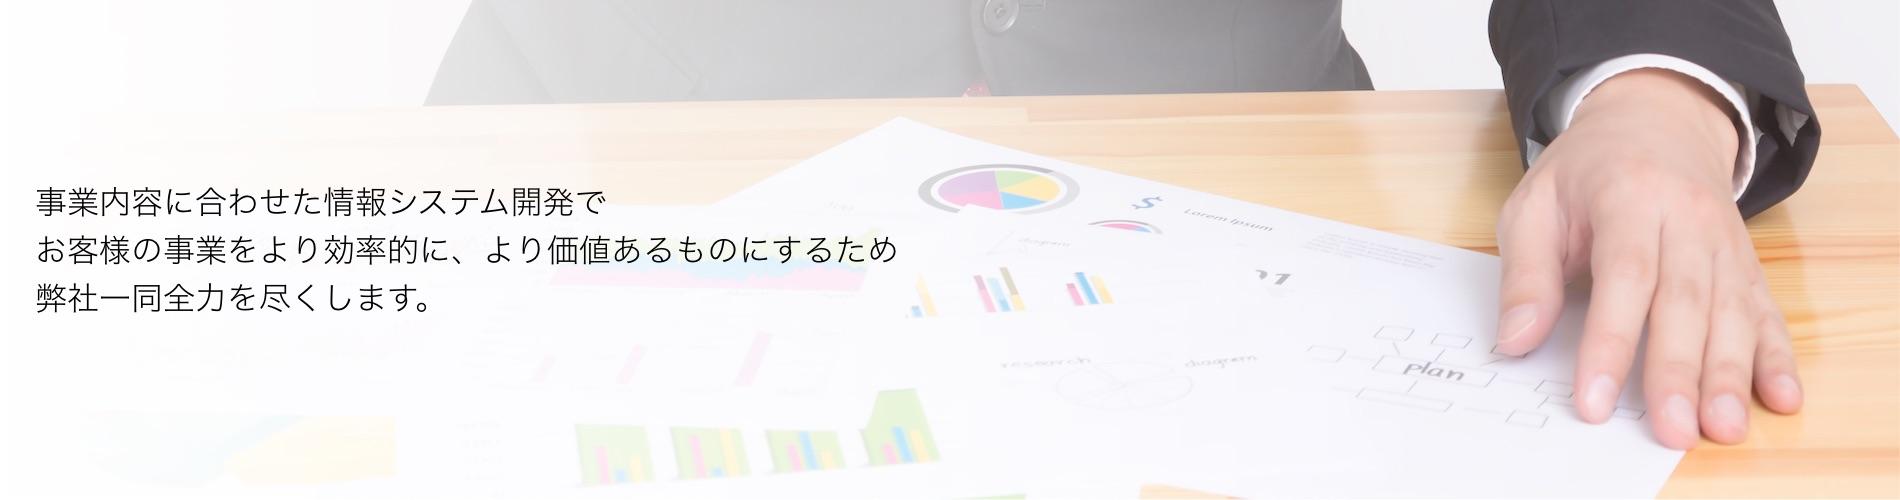 事業内容に合わせた情報システム開発でお客様の事業をより効率的に、より価値あるものにするため弊社一同全力を尽くします。